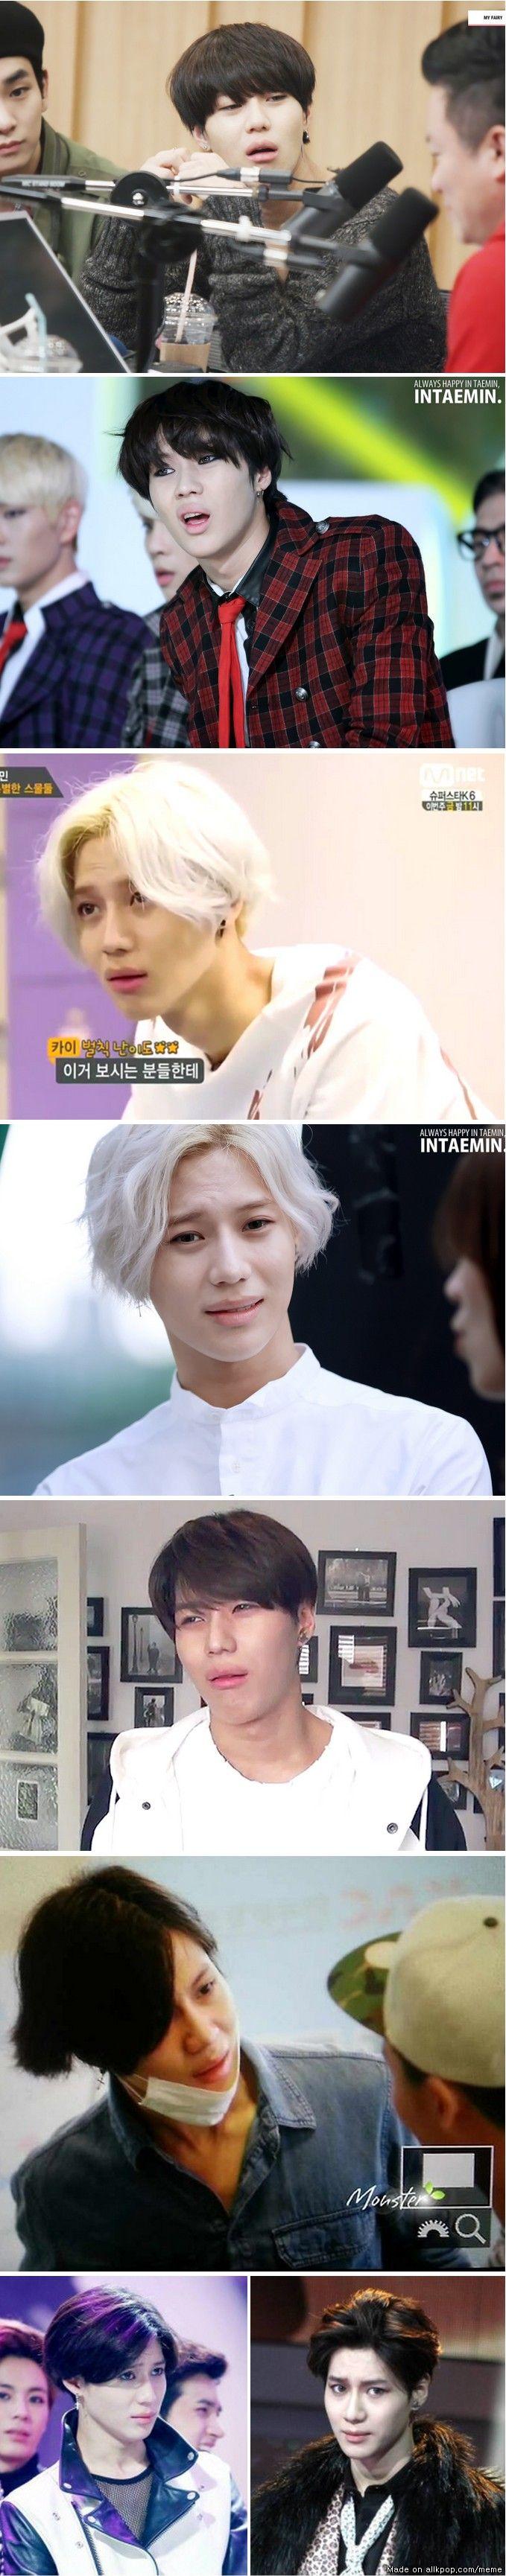 Taemin's judging face is a masterpiece lol   allkpop Meme Center